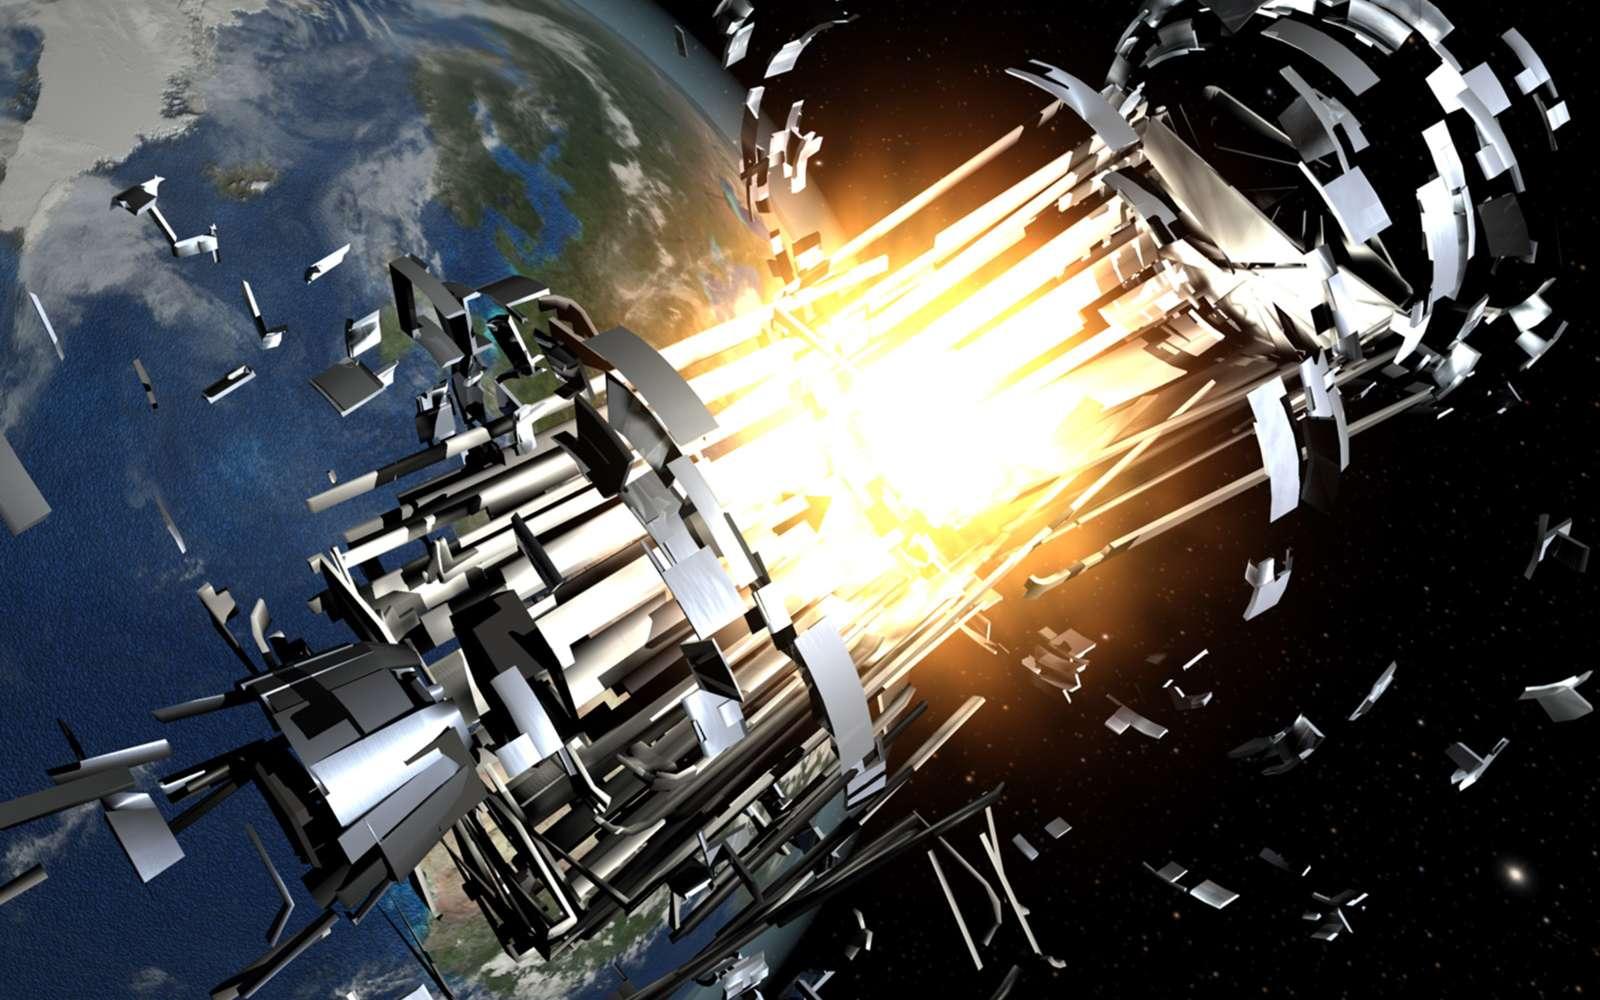 Un satellite de l'US Air Force, a explosé, laissant à la place un nuage d'une cinquantaine de débris. © USAF